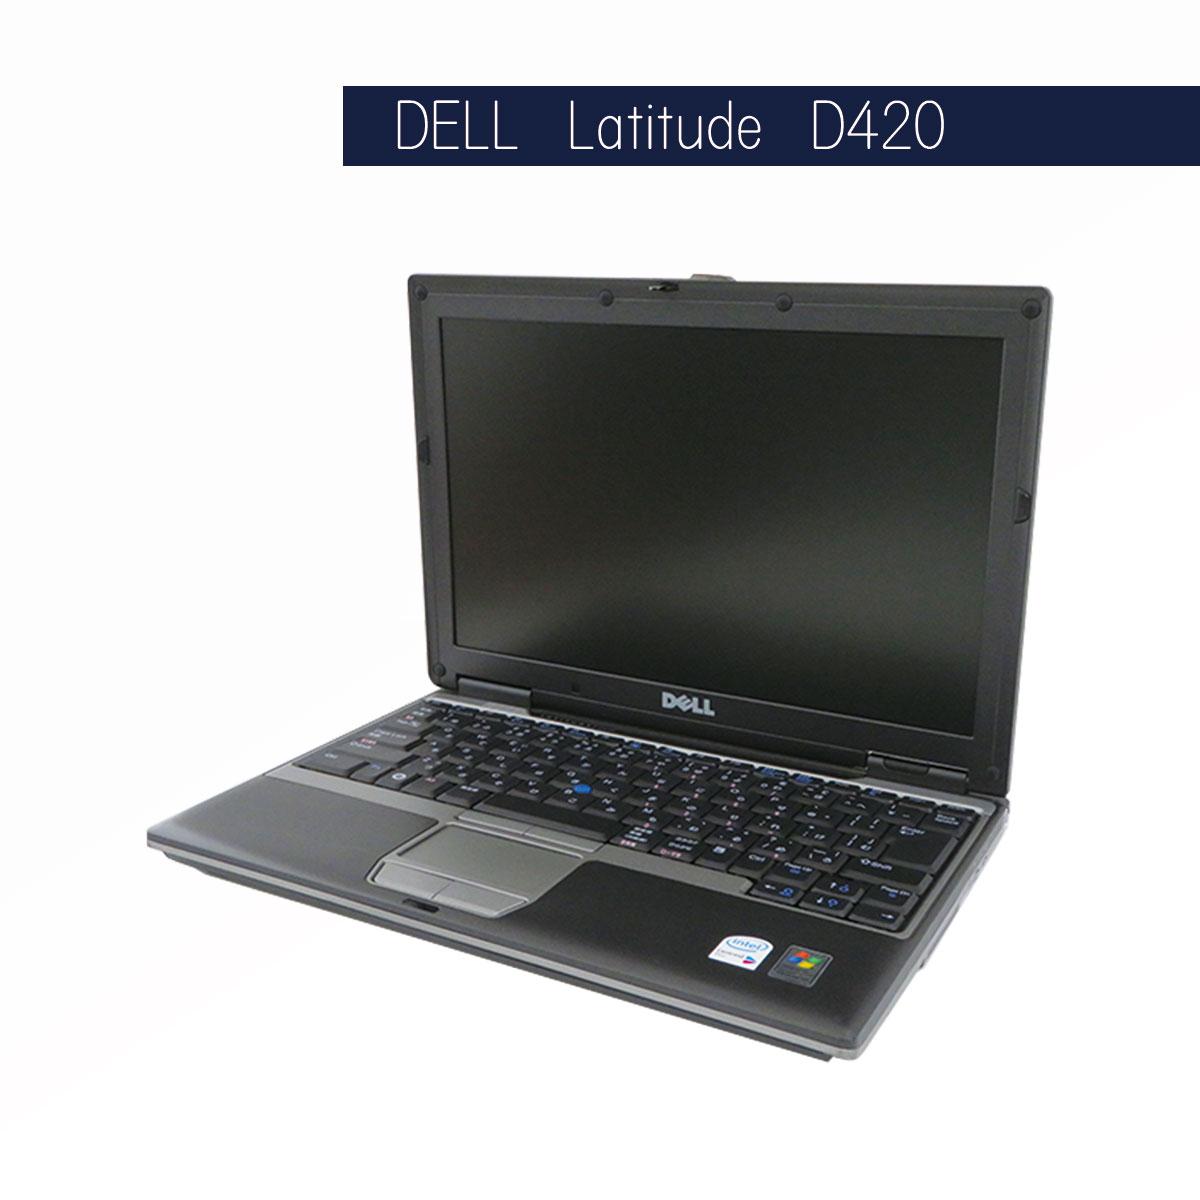 DELL Latitude D420 CoreDuo 1.5GB 60GB(WinXP)